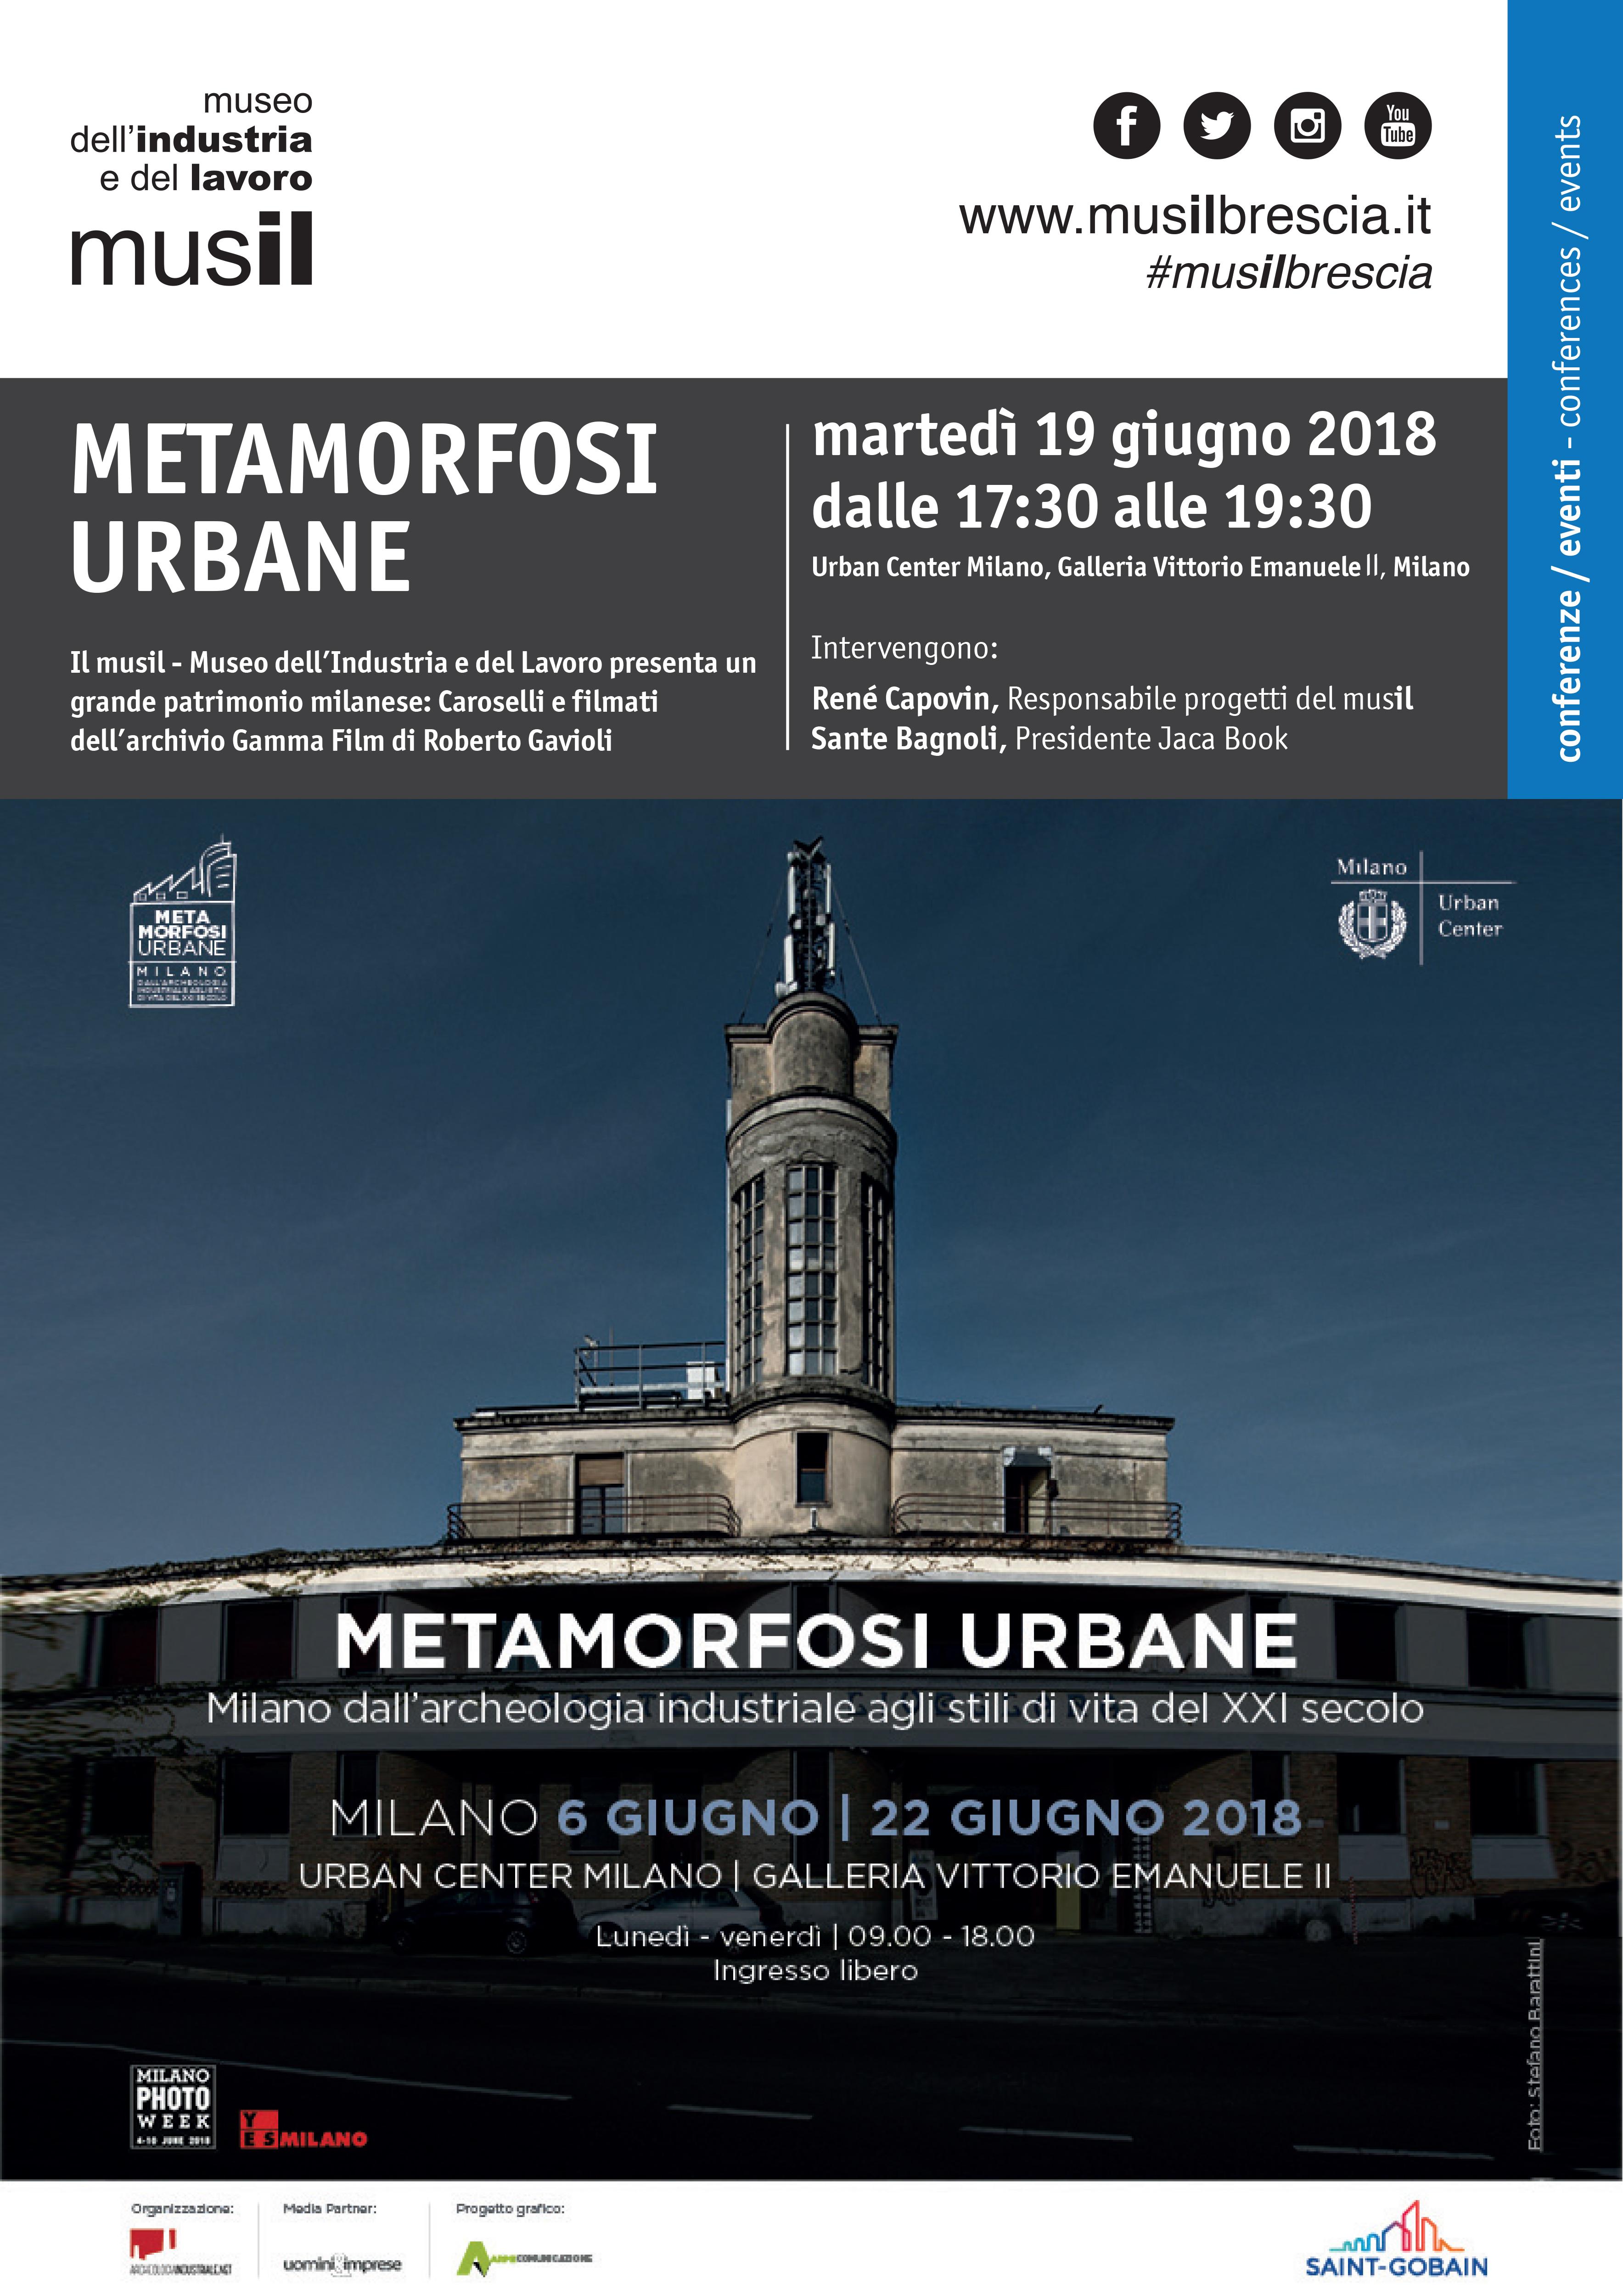 Metamorfosi-Urbane-Evento-Musil